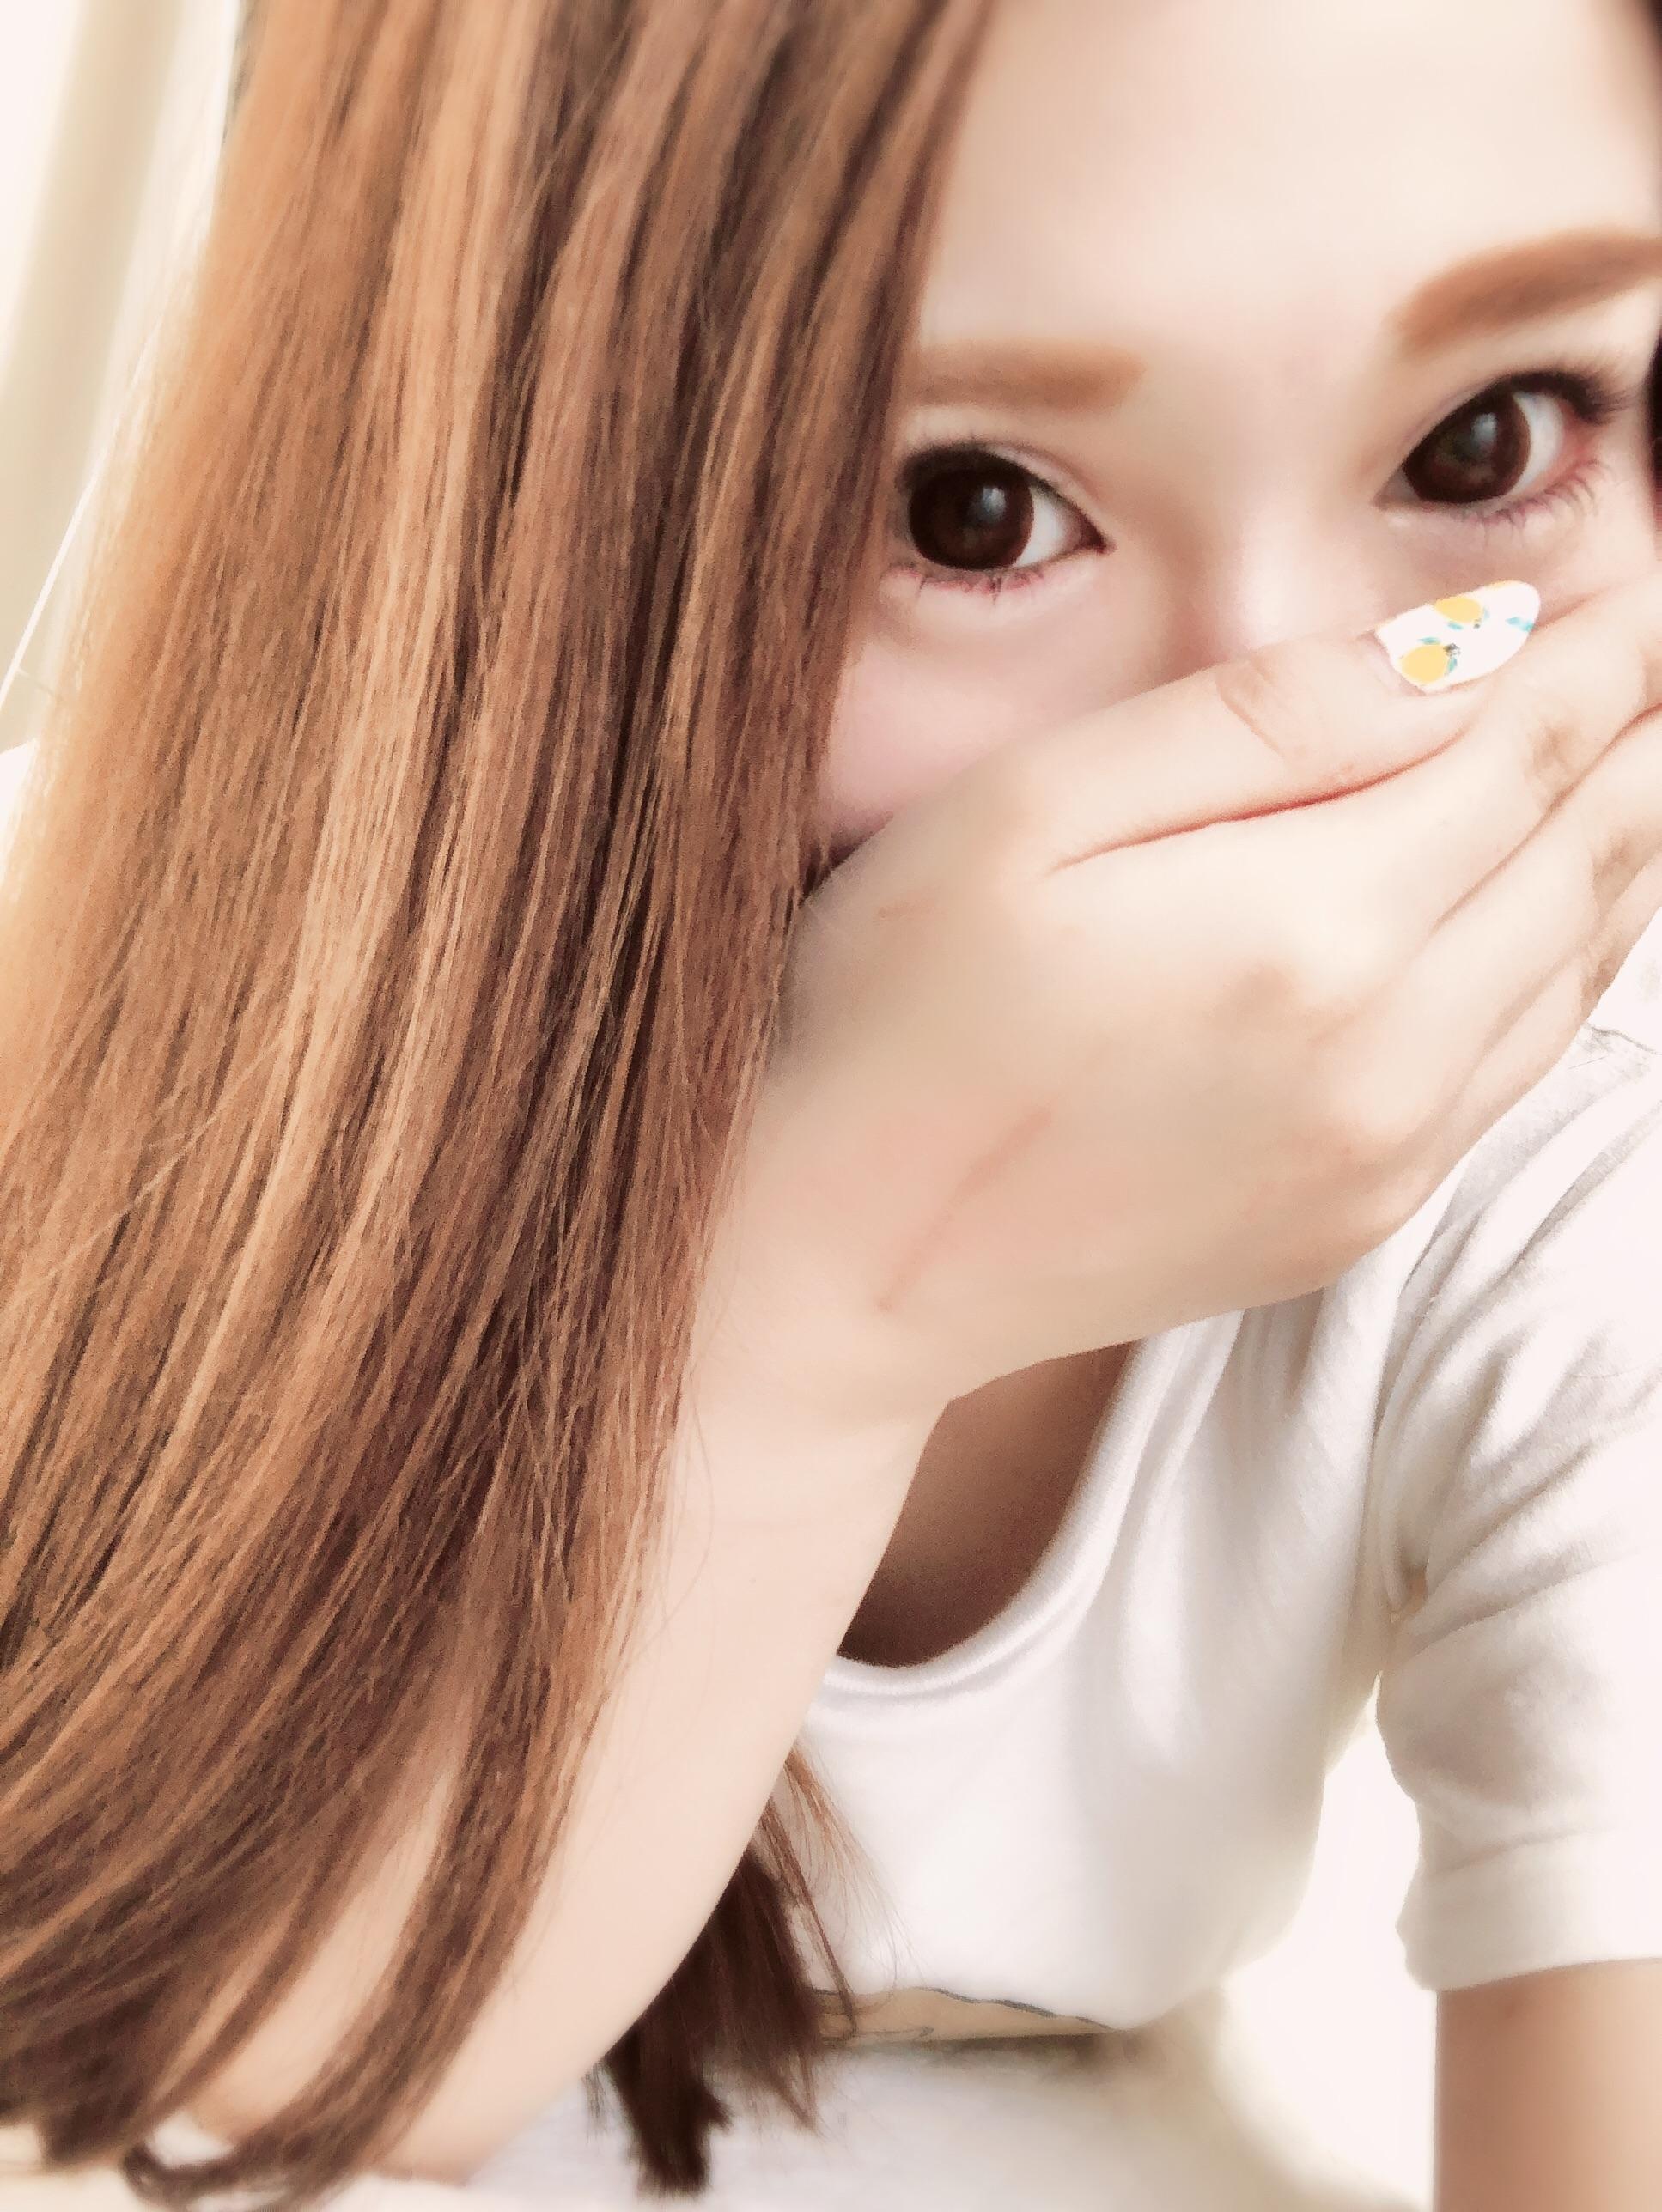 「あやめ」05/21(05/21) 15:00 | 菖蒲(あやめ)の写メ・風俗動画